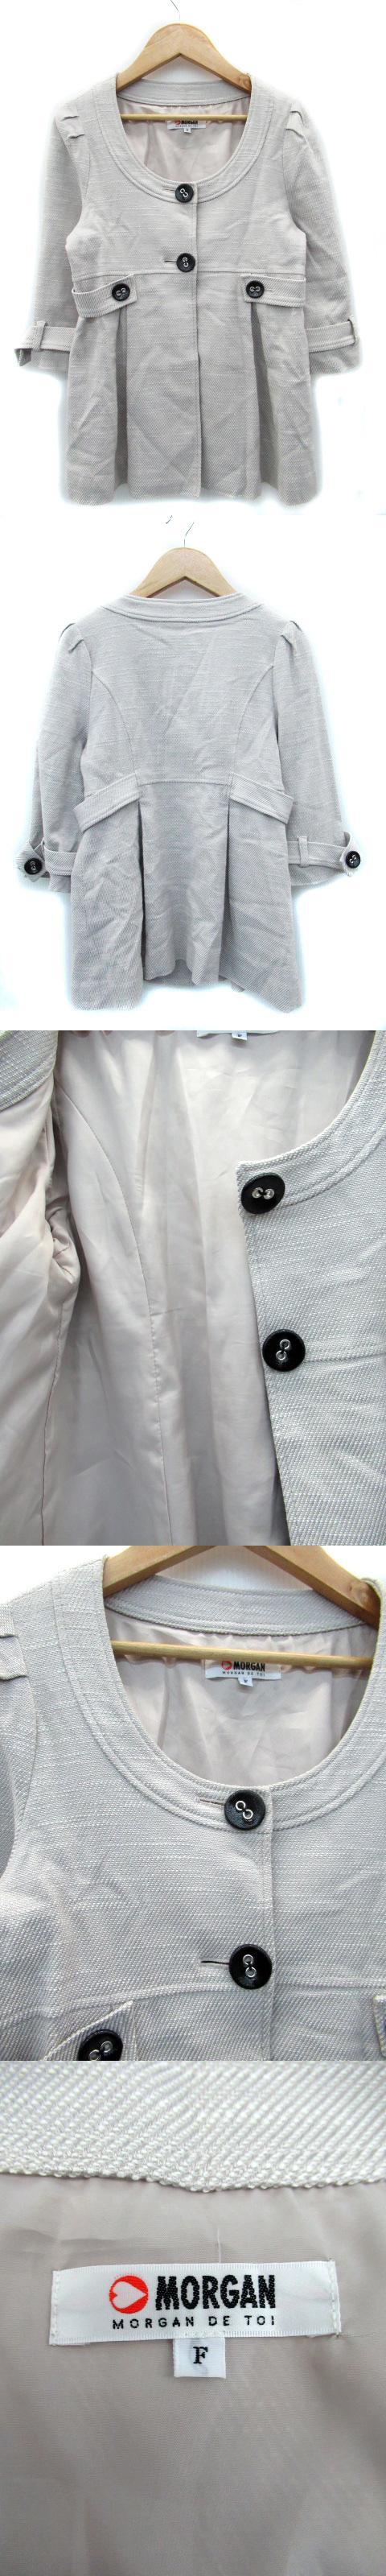 ジャケット ノーカラー 七分袖 ミドル丈 総裏地 シングルボタン F ベージュ /MS3